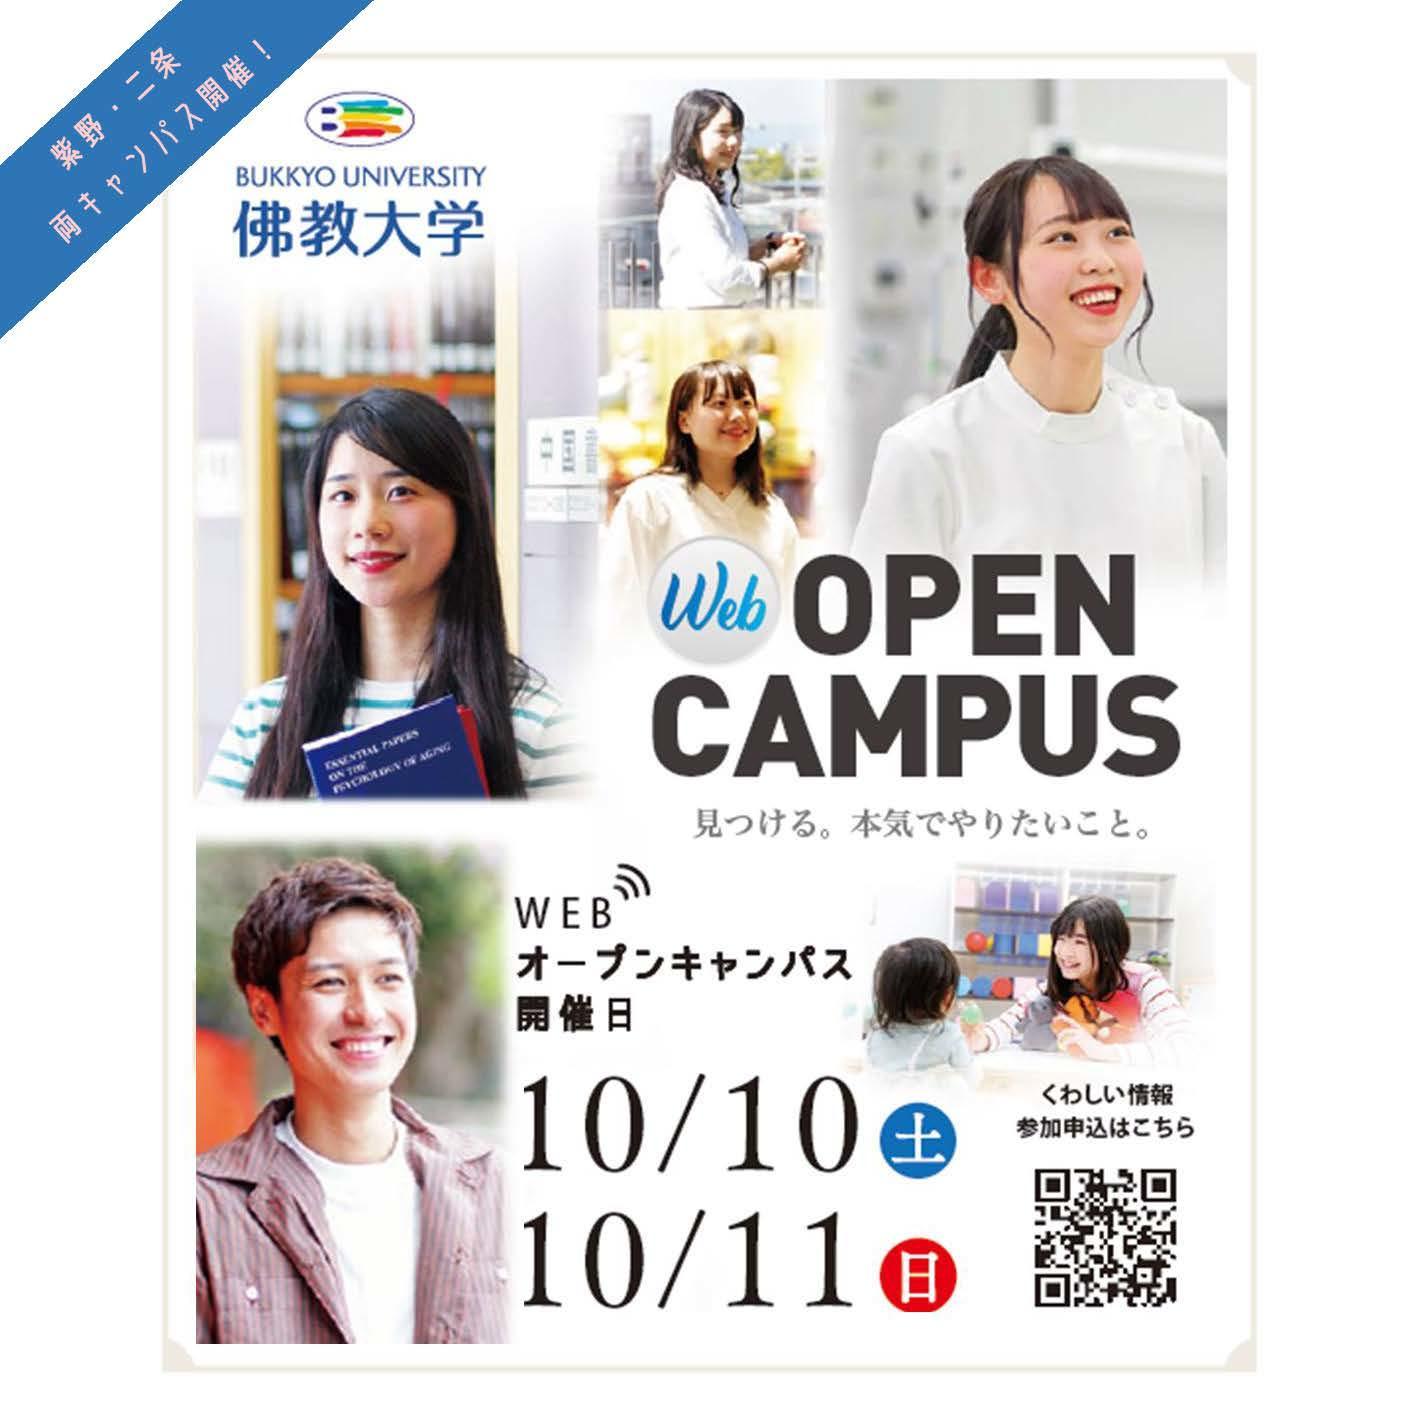 佛教大学 対面とオンラインの両方でオープンキャンパスを開催!